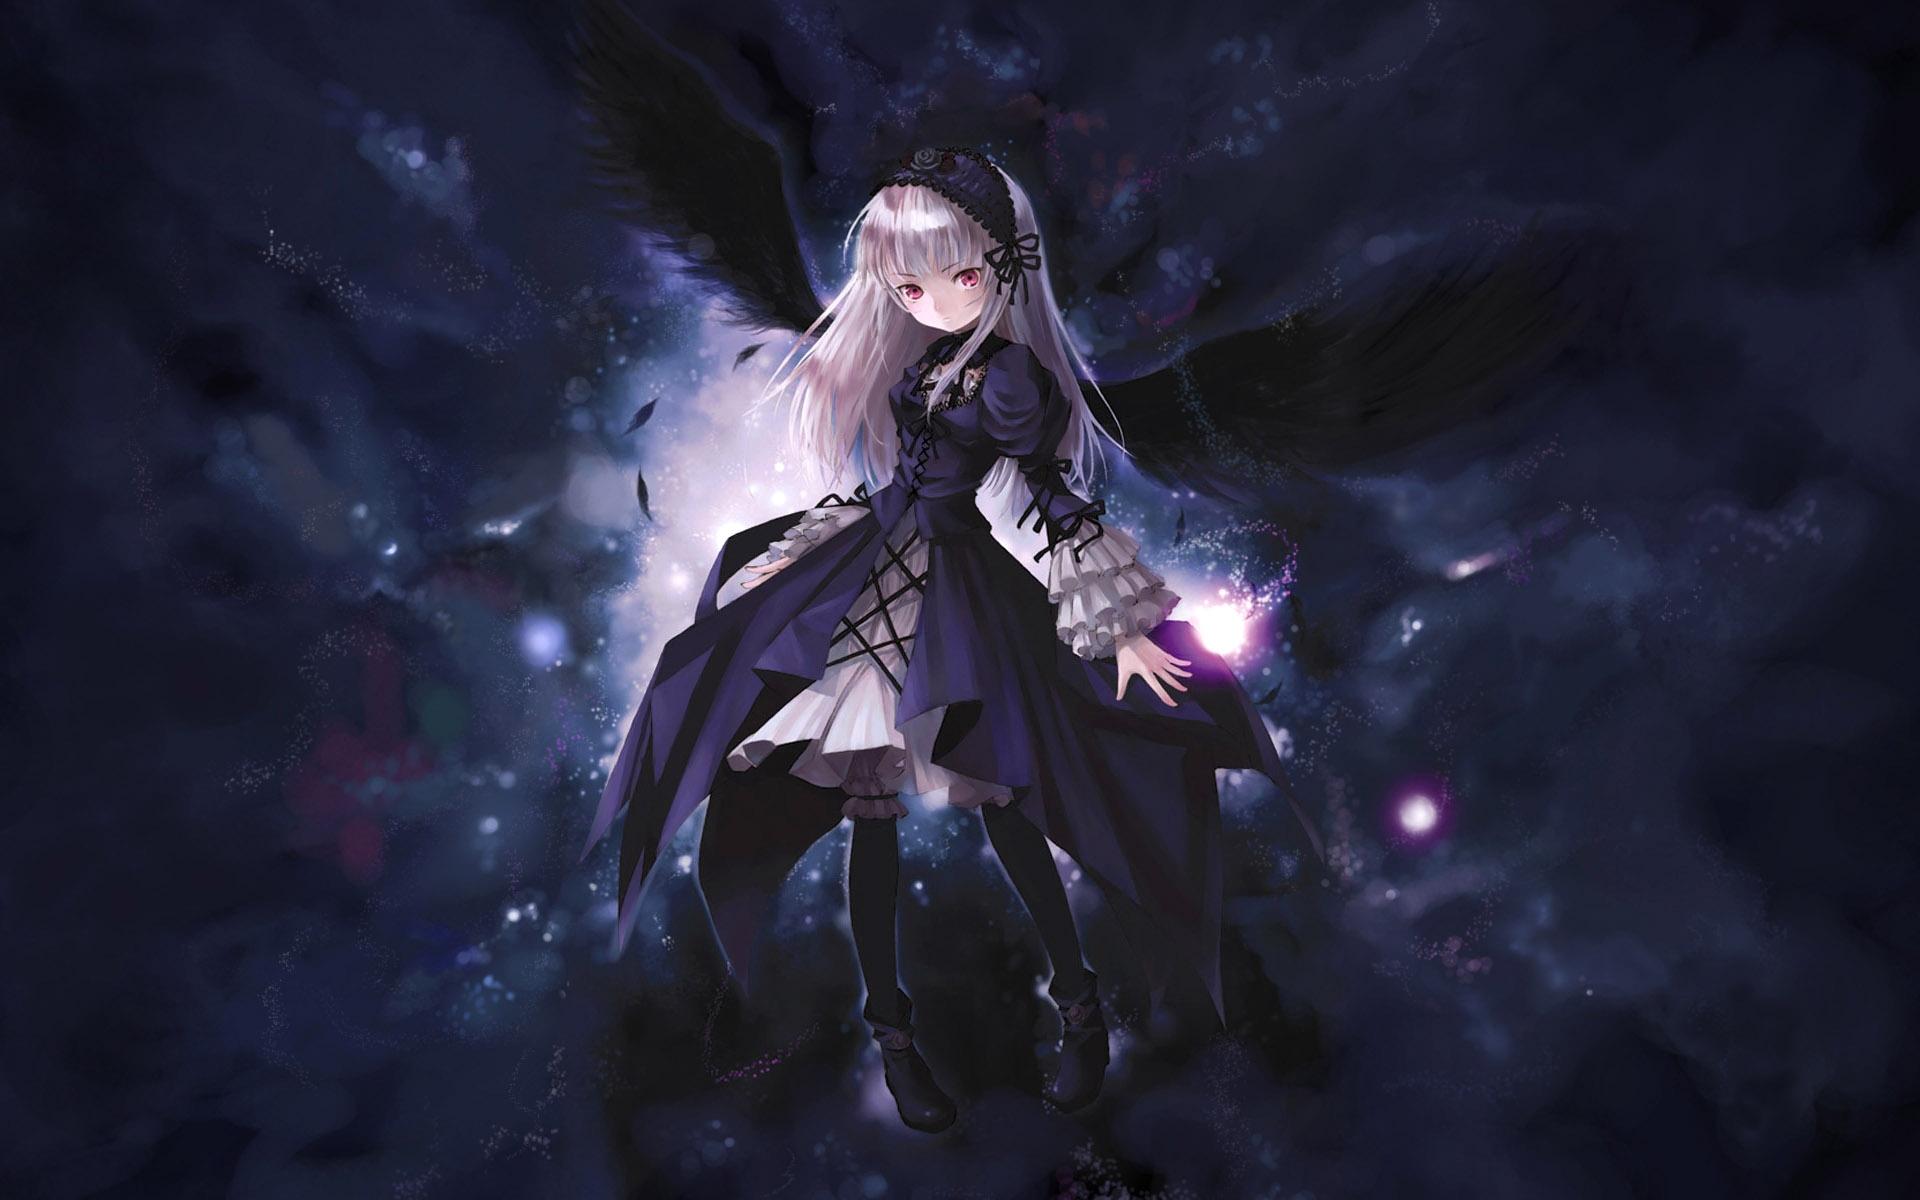 Anime girl wings flying black